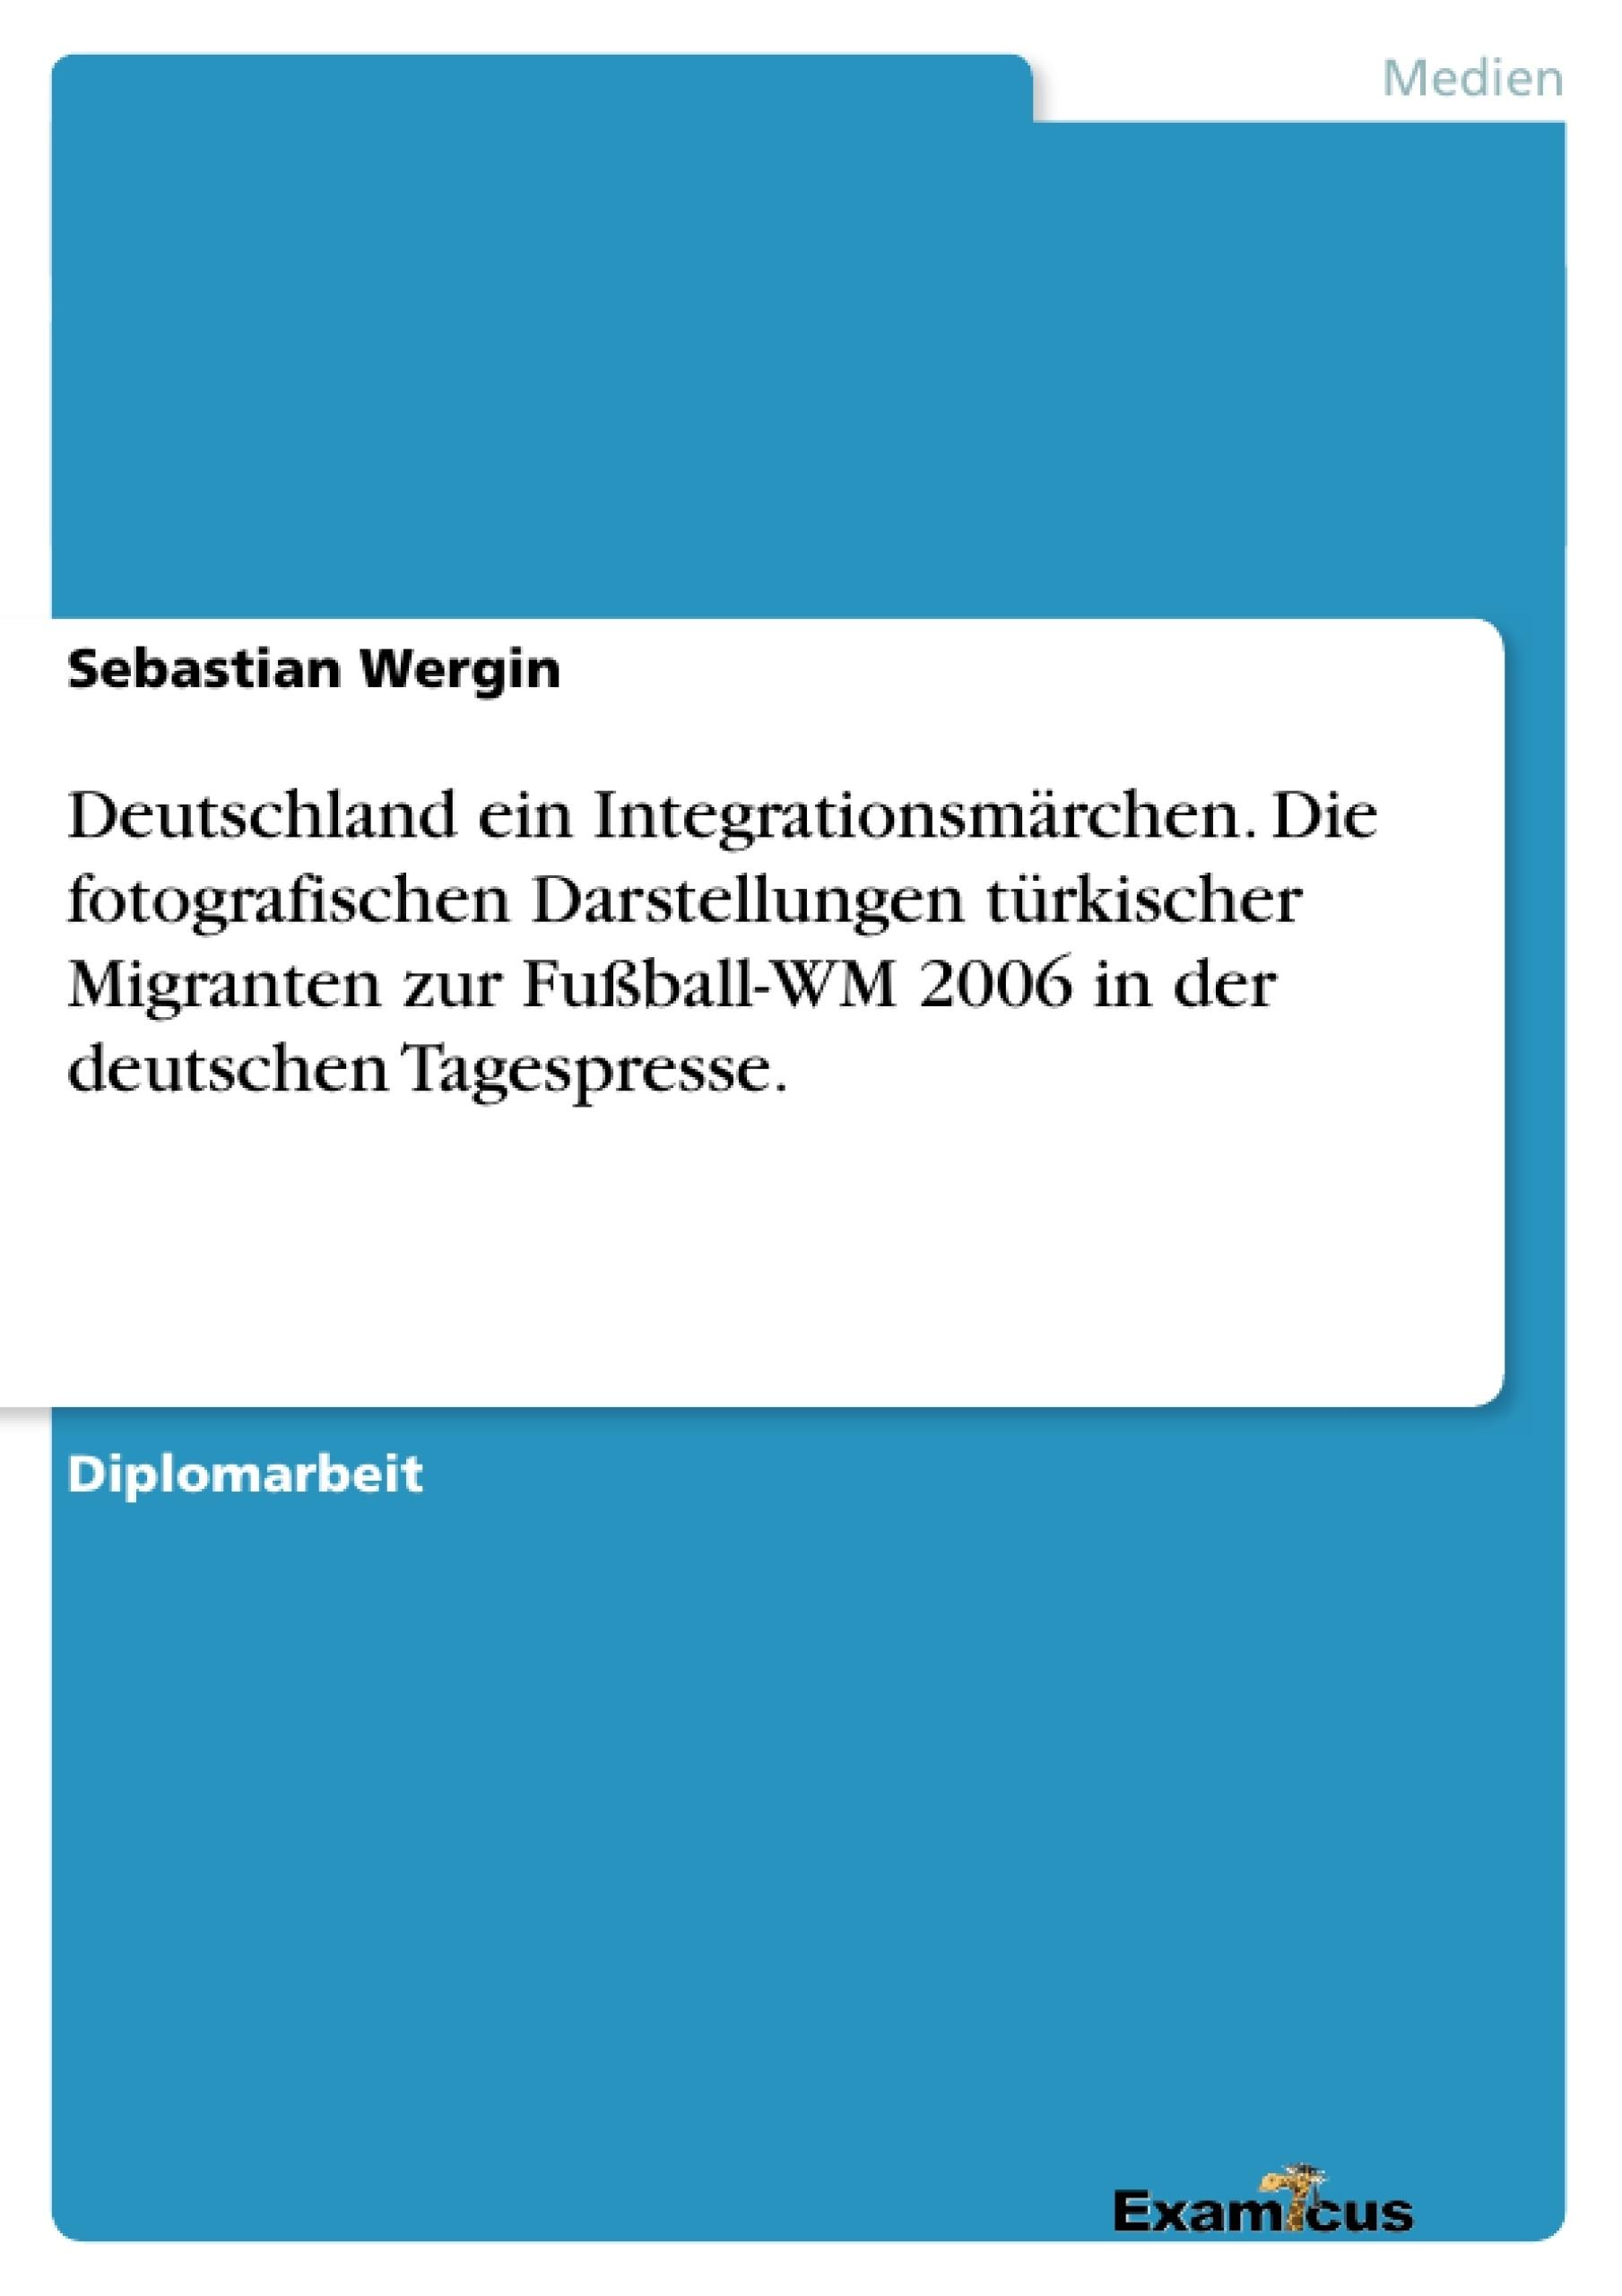 Titel: Deutschland ein Integrationsmärchen. Die fotografischen Darstellungen türkischer Migranten zur Fußball-WM 2006 in der deutschen Tagespresse.